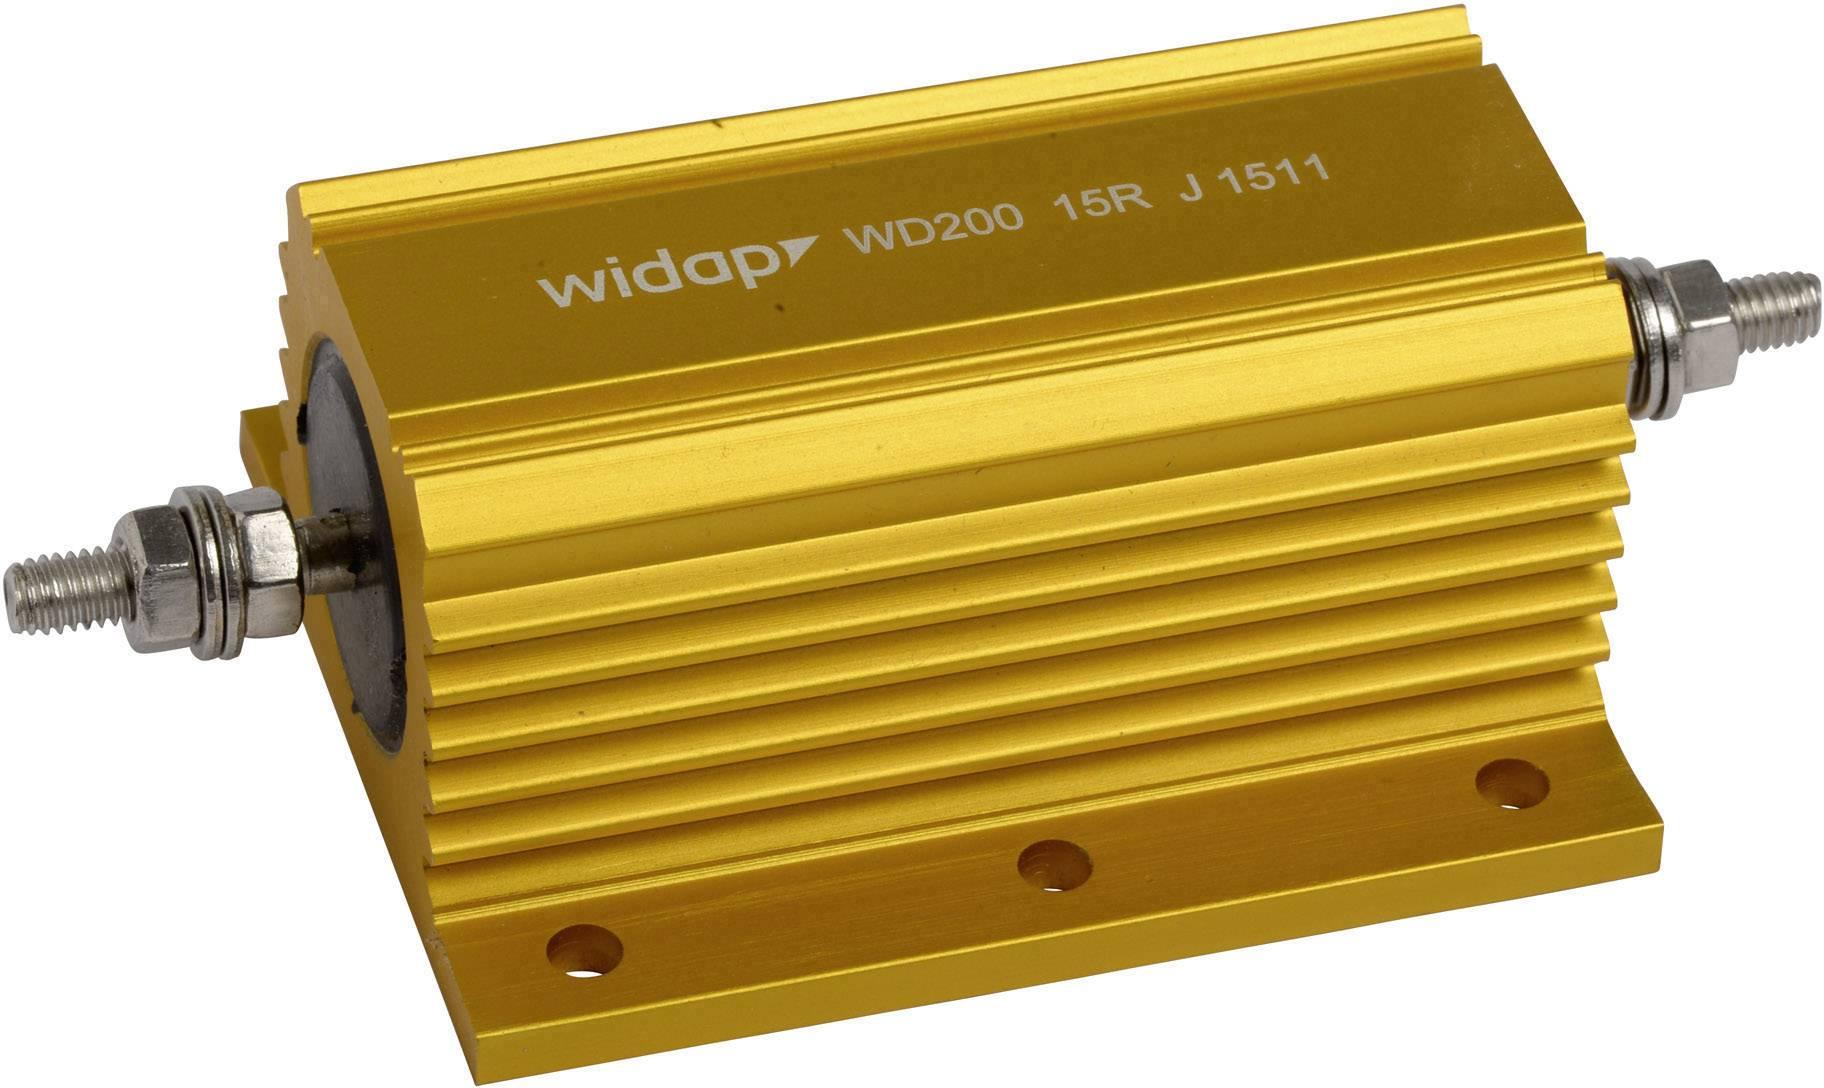 Drátový rezistor Widap 160161, hodnota odporu 470 Ohm, v pouzdře, 200 W, 1 ks